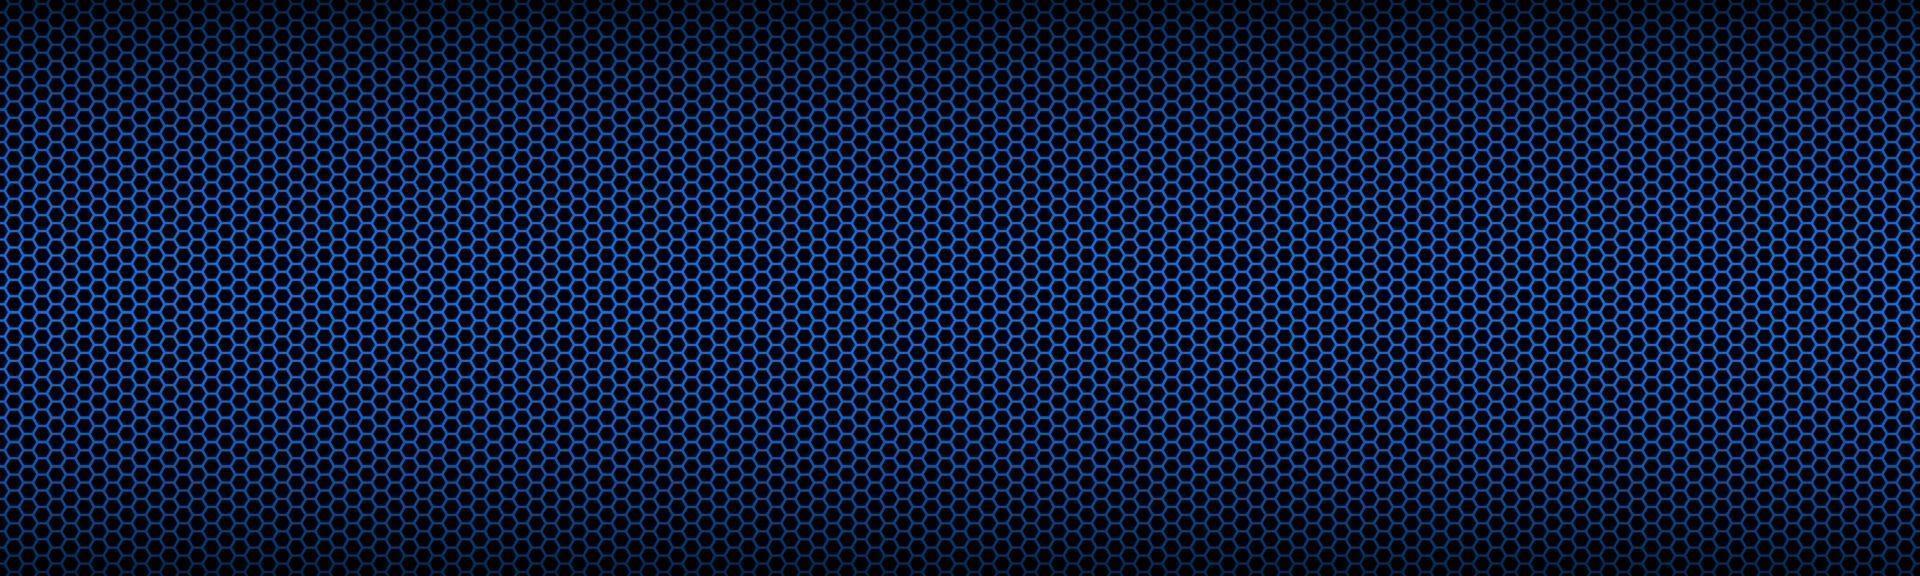 blå geometrisk rubrik med månghörnigt rutnät. abstrakt röd metallisk sexkantig banner. vektor illustration